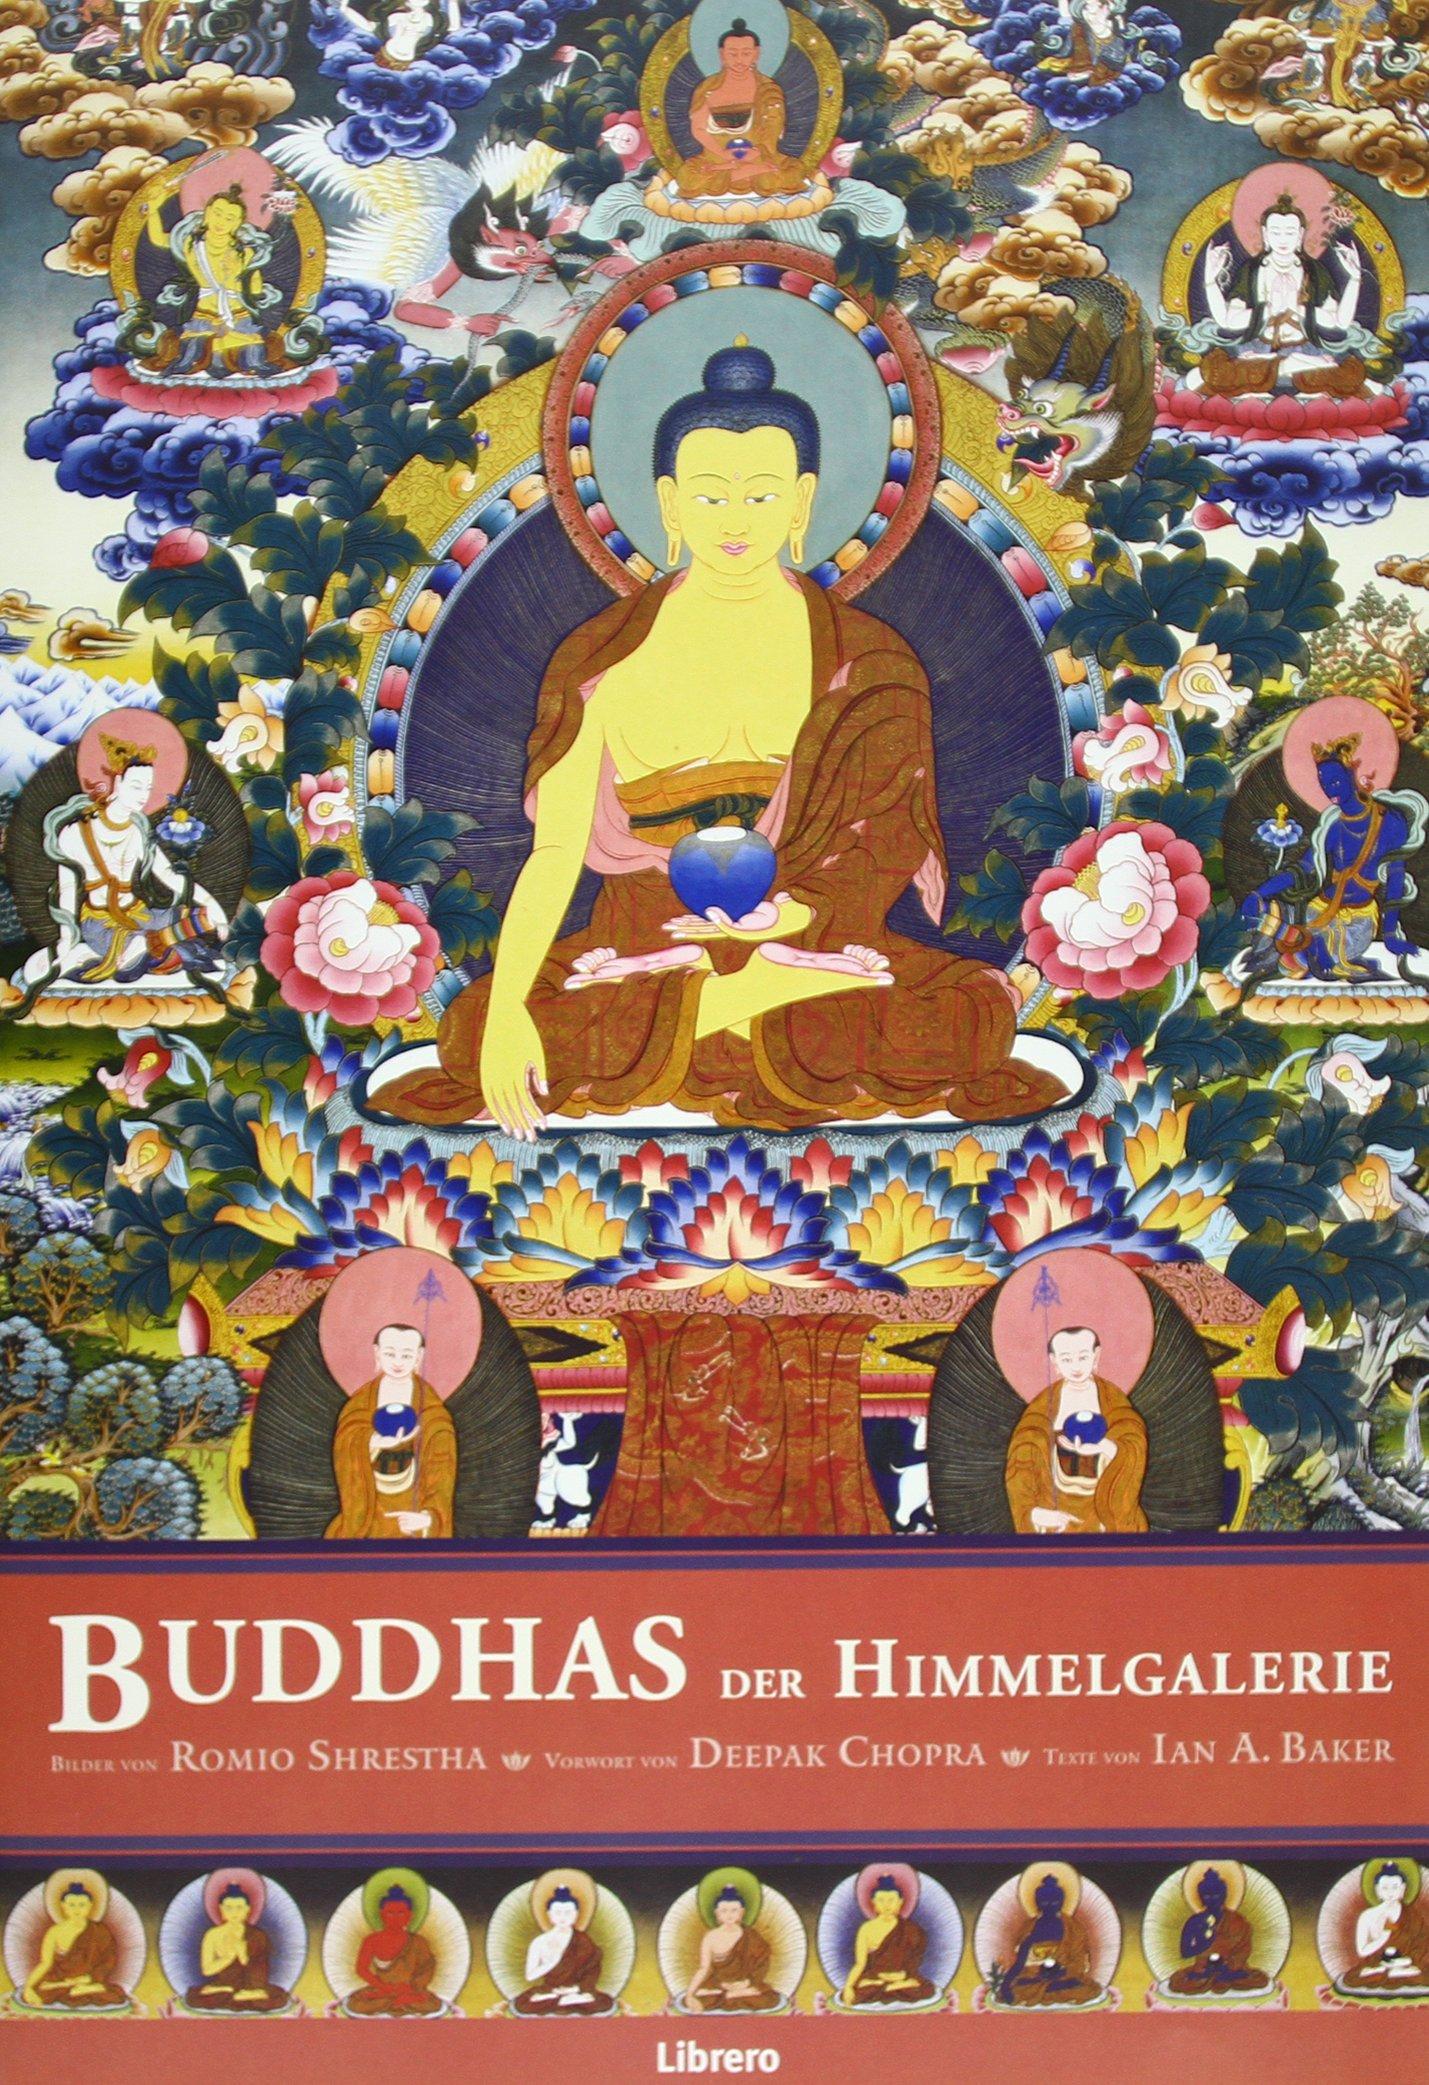 Buddhas der Himmelgalerie: Gemeinschaftsarbeit des gefeierten Himalaya-Künstlers Romio Shrestha und dem buddhistischen Gelehrten Ian Baker, zeigt den ... Gautama, seine Lehre und seine Kraft.